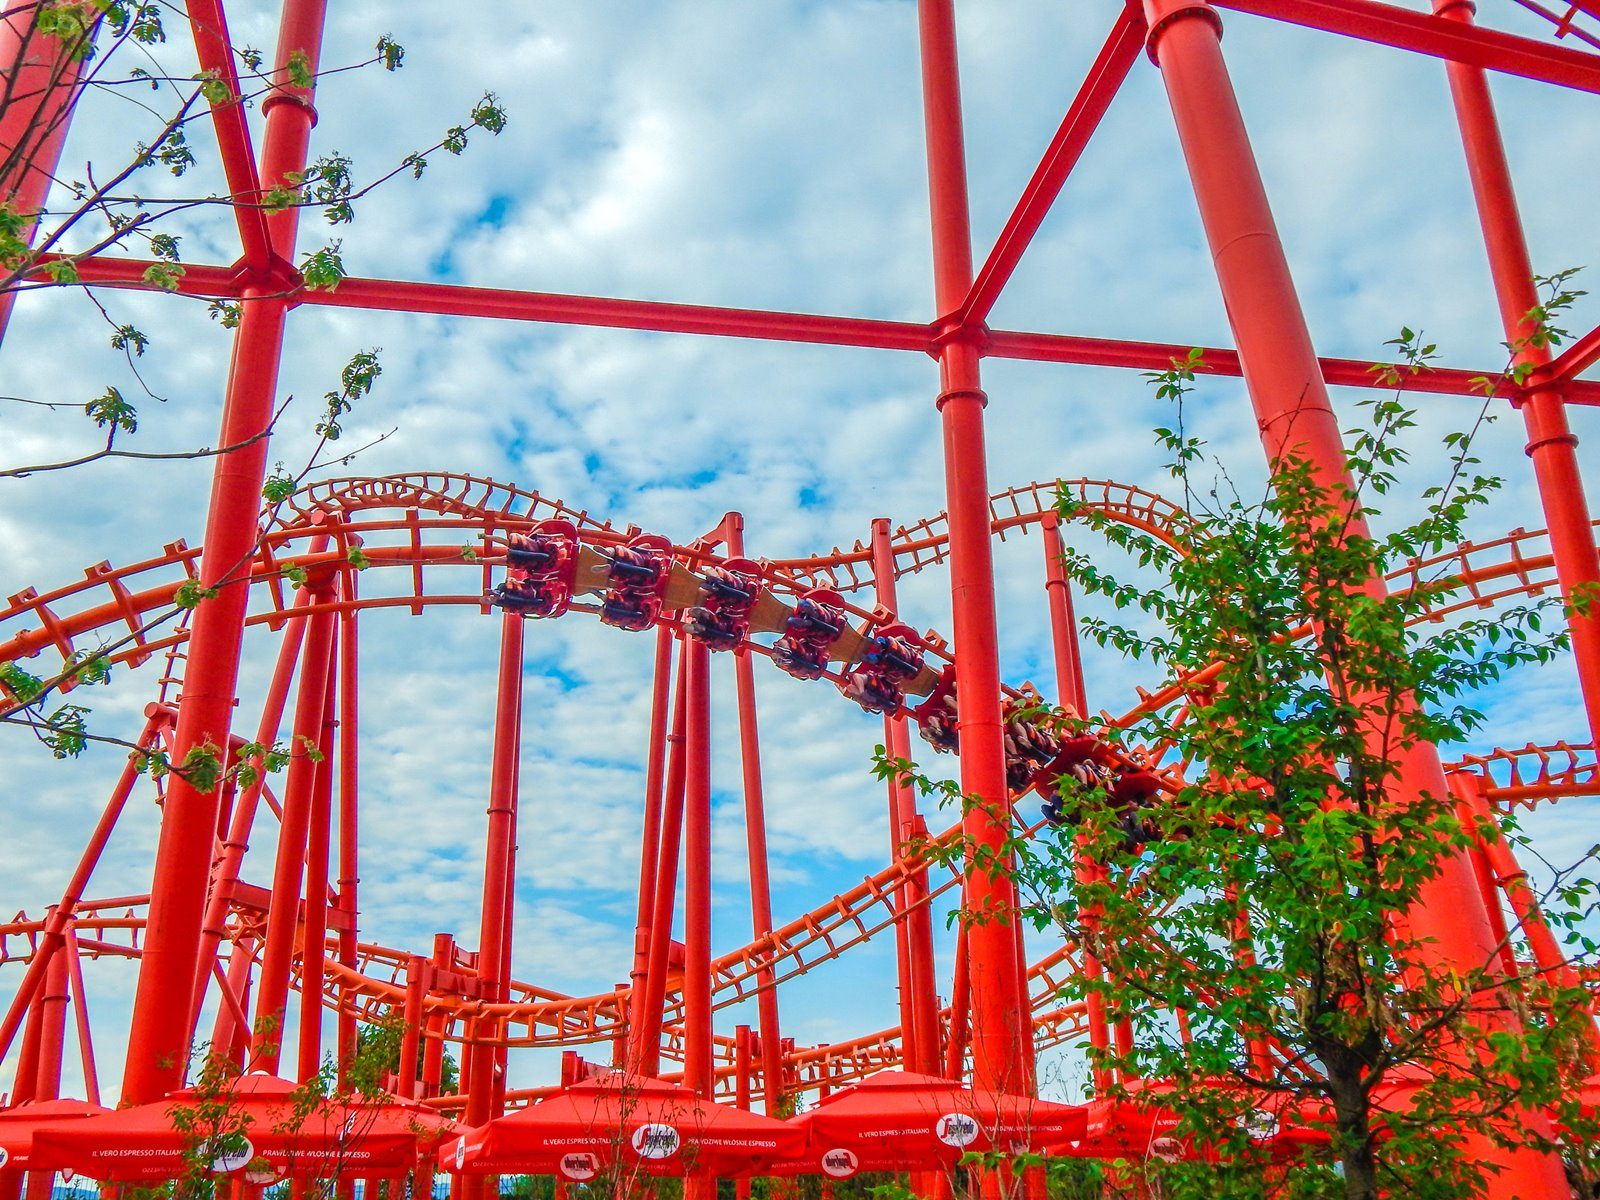 15 enerylandia atrakcje dla rodzin dla dzieci dla starszych czy warto ile kosztuje bilet jak dojechać recenzja opinie strach boję się roller coaster karuzele strefa wodna speed water coster pokazy lista